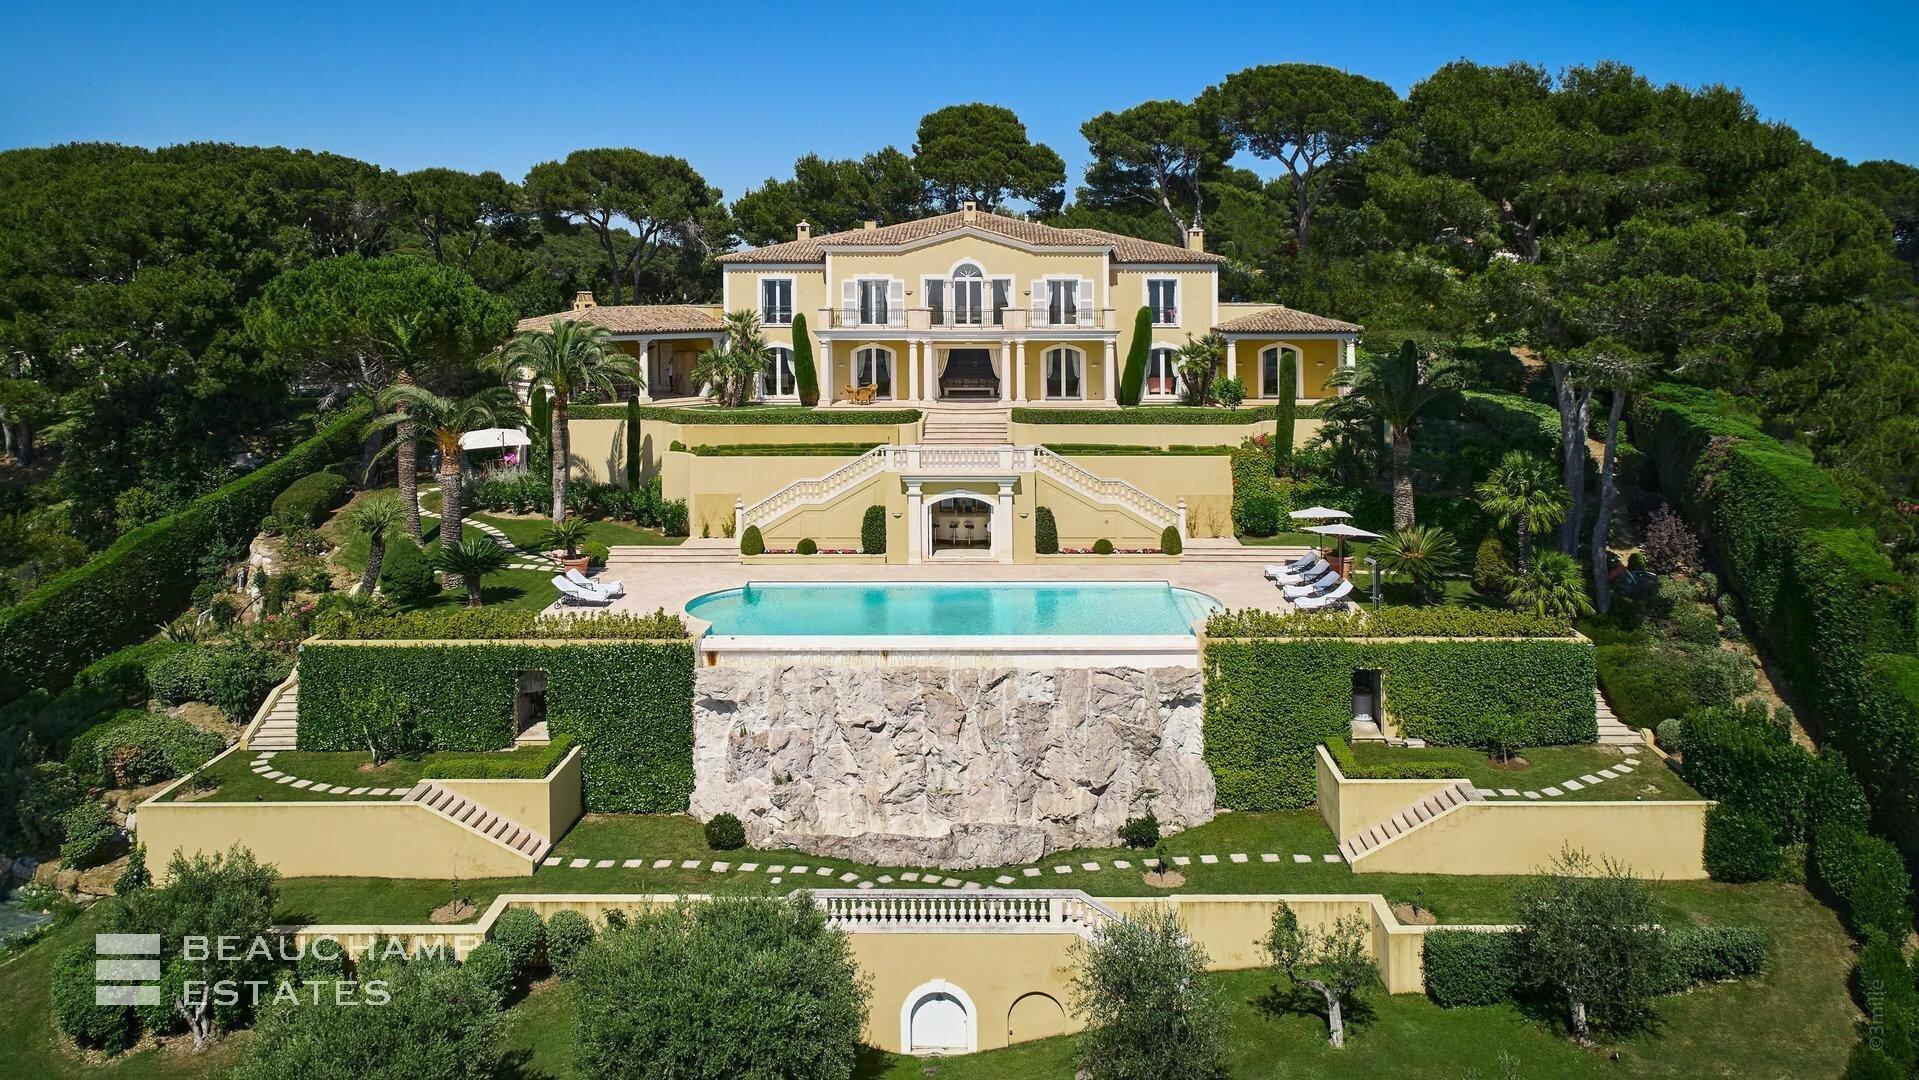 Villa in Le Cannet, Provence-Alpes-Côte d'Azur, France 1 - 11168620